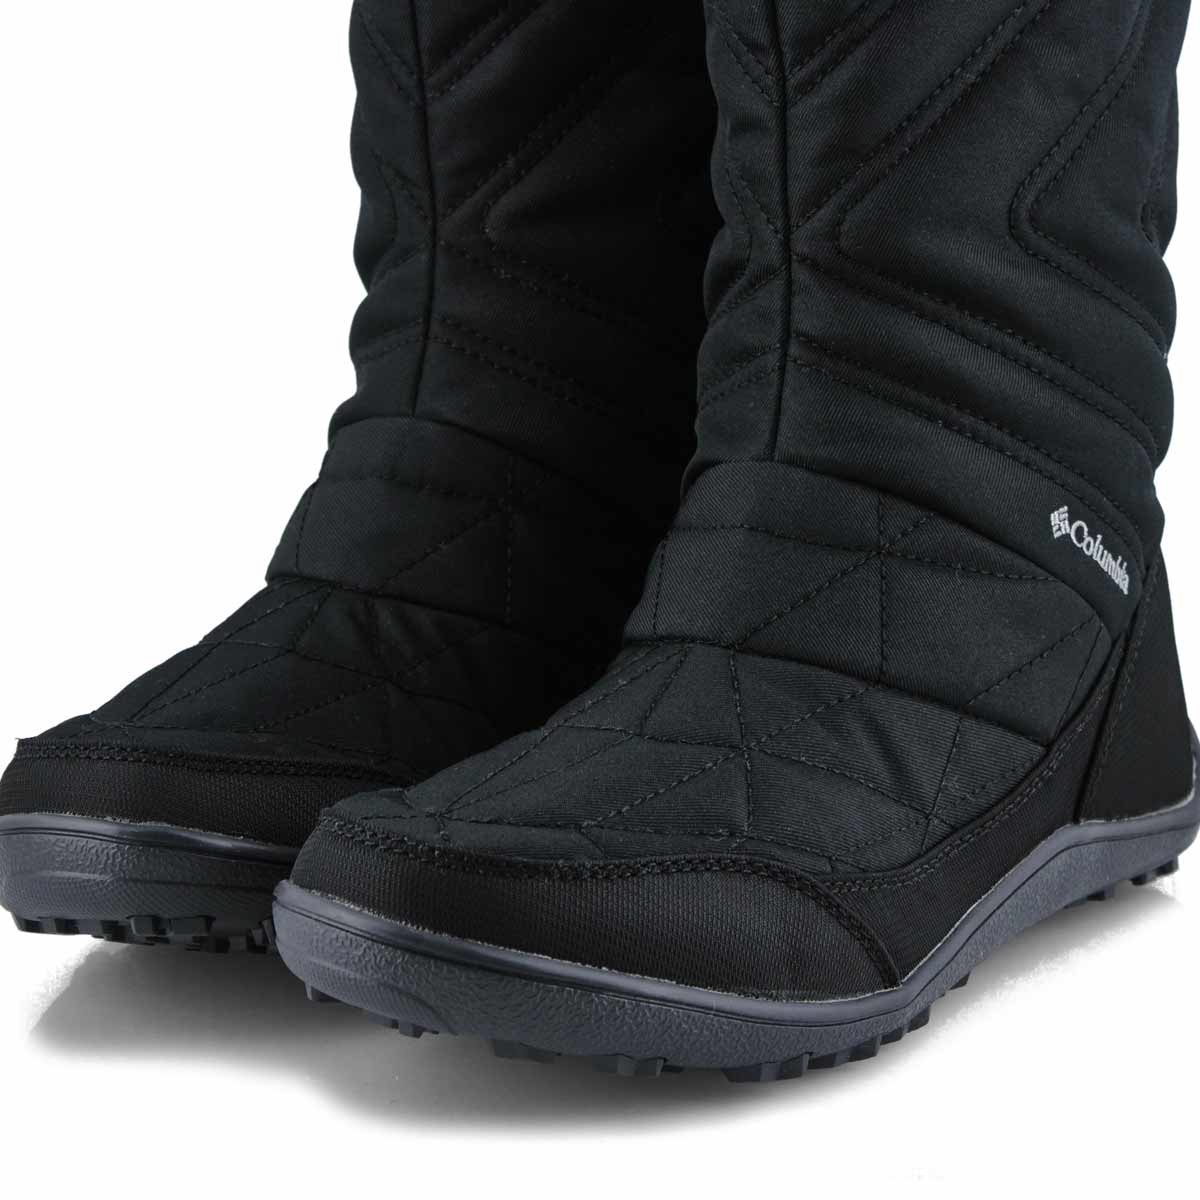 Lds Minx Slip III blk slipon wp boot